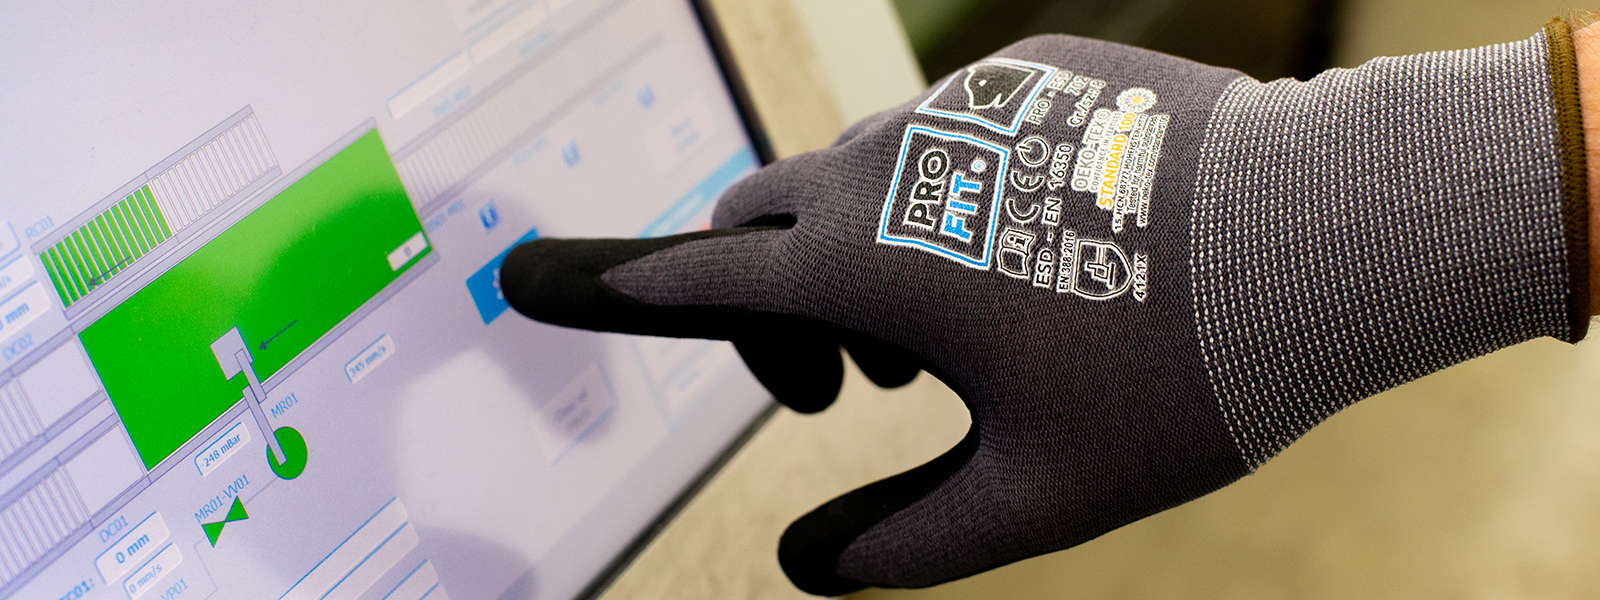 Schutzhandschuhe mit Touchscreen-Fähigkeit und ESD-Funktion